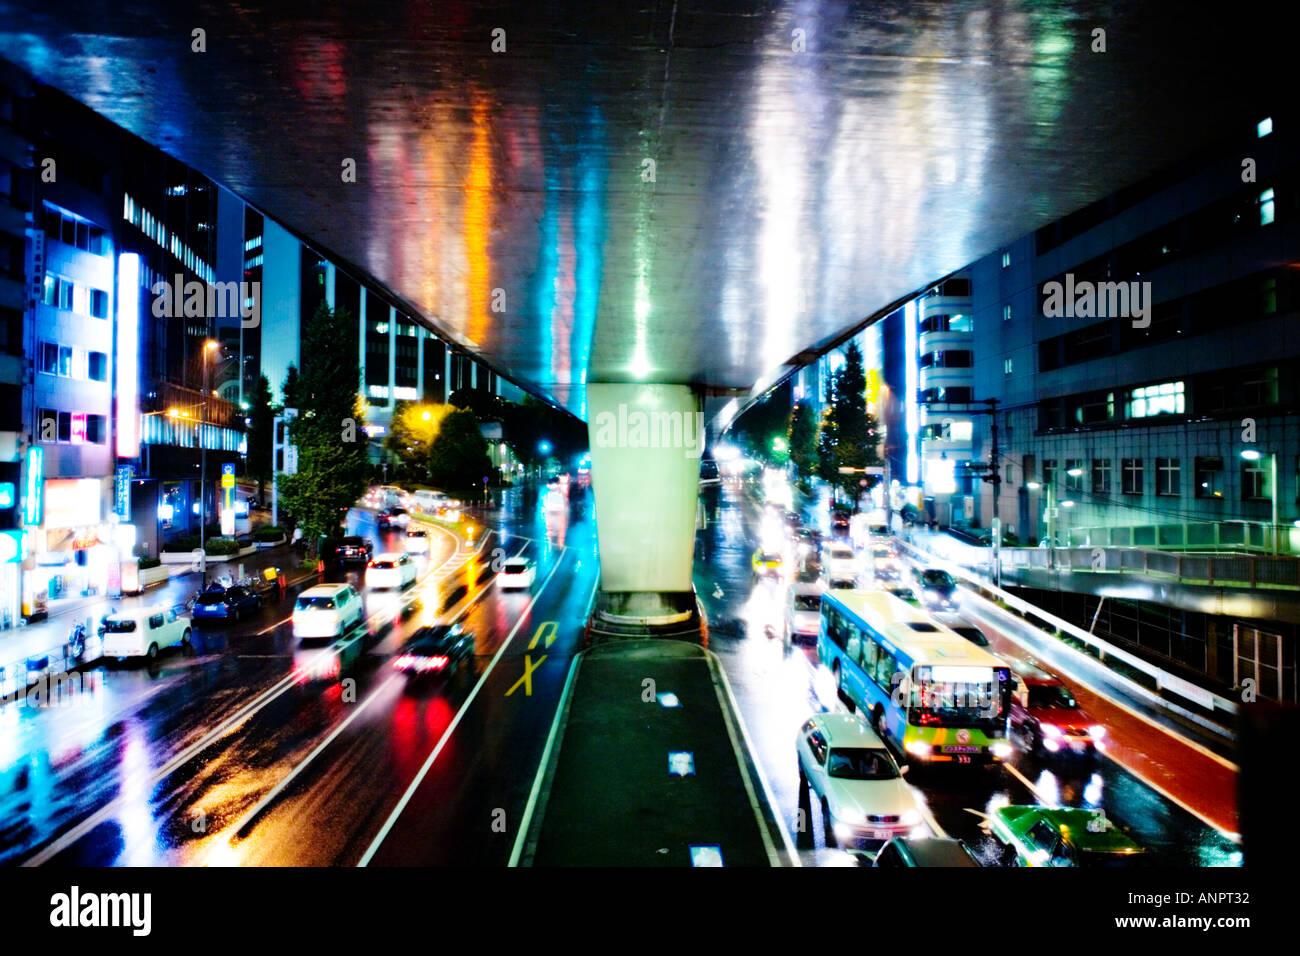 Ciudad húmeda noche en el cruce Shibuya de Tokio Imagen De Stock